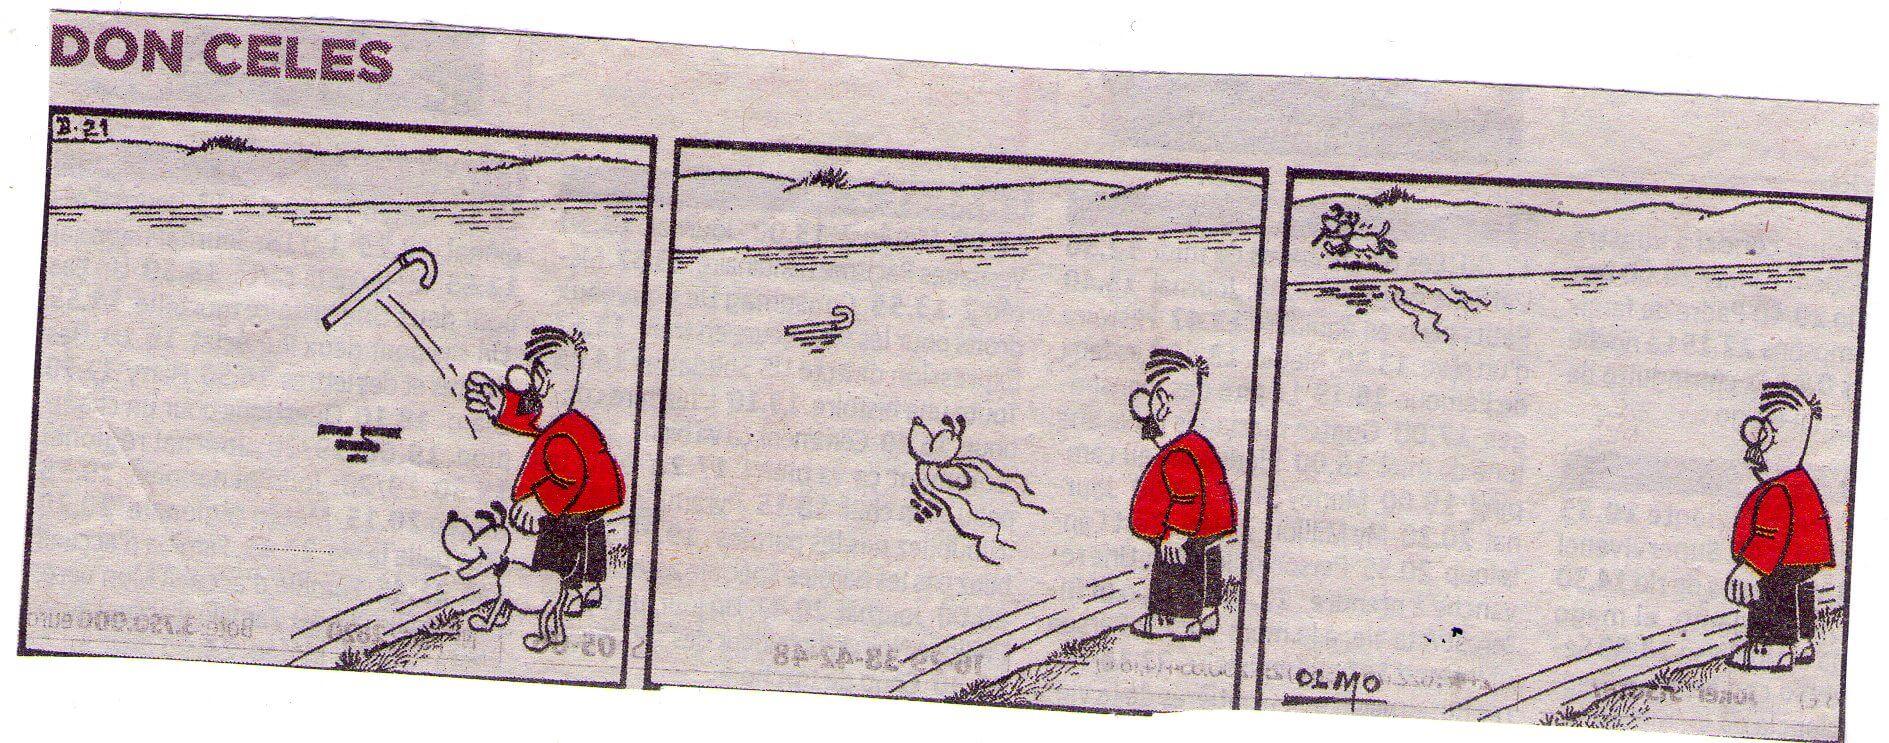 Don Celes a su perro: ¡Busca el palo!